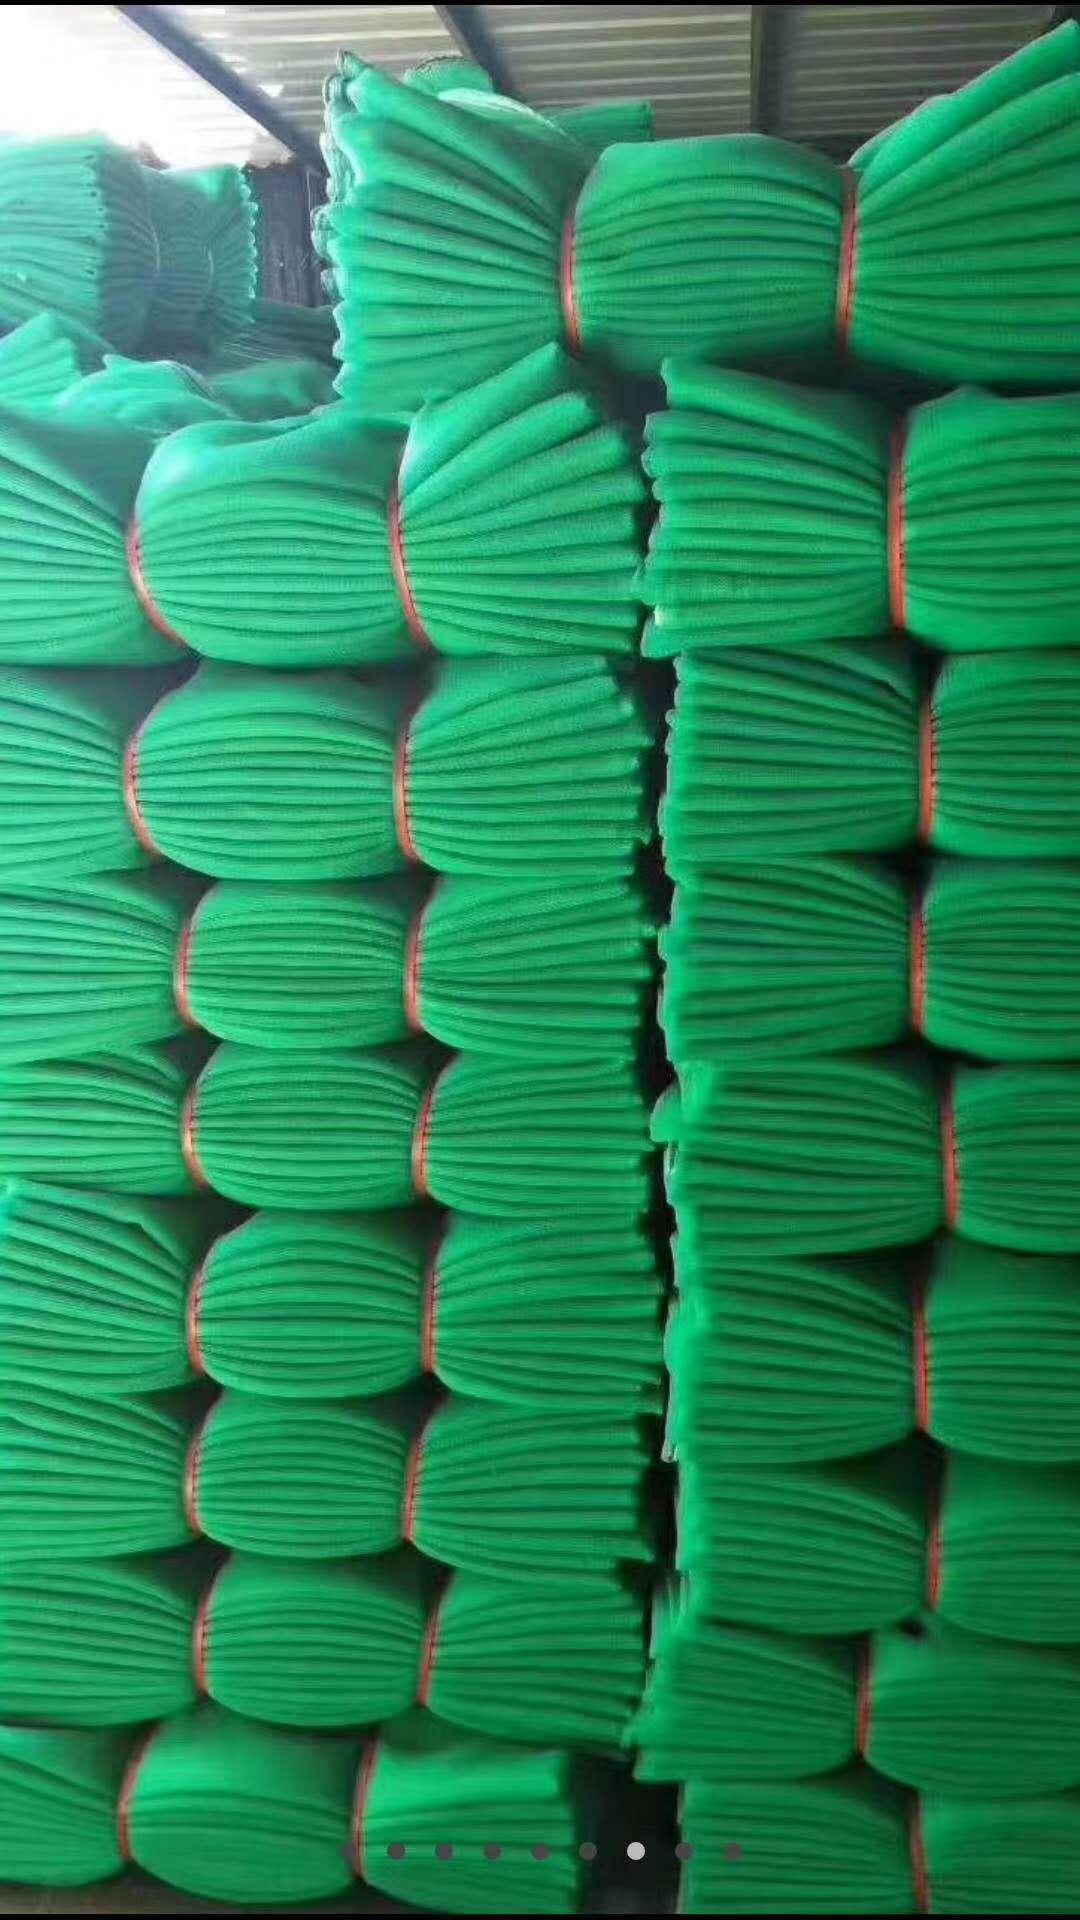 辽宁正规建筑安全网厂家直销_专业报价-滨州双泽化纤绳网有限公司